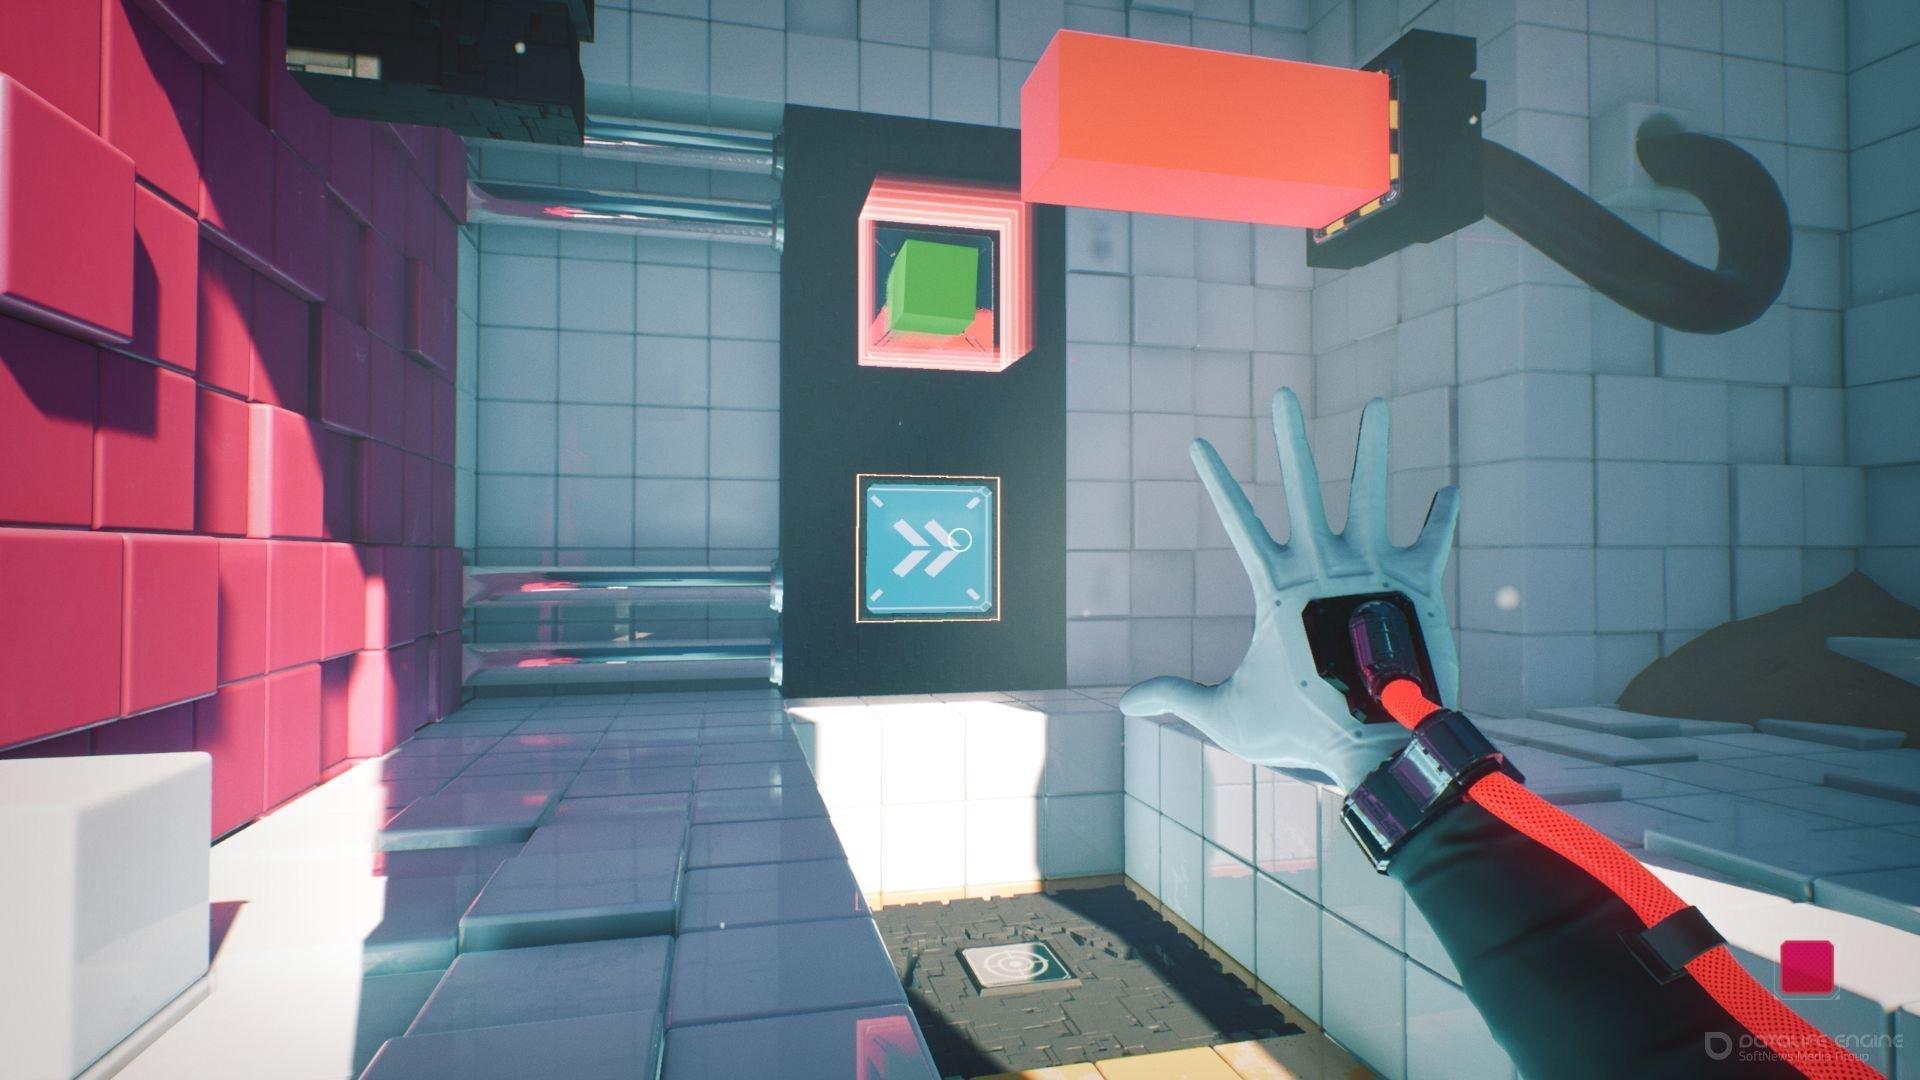 Скриншот к игре Q.U.B.E. 2 v.1.8 [GOG] (2018) скачать торрент Лицензия